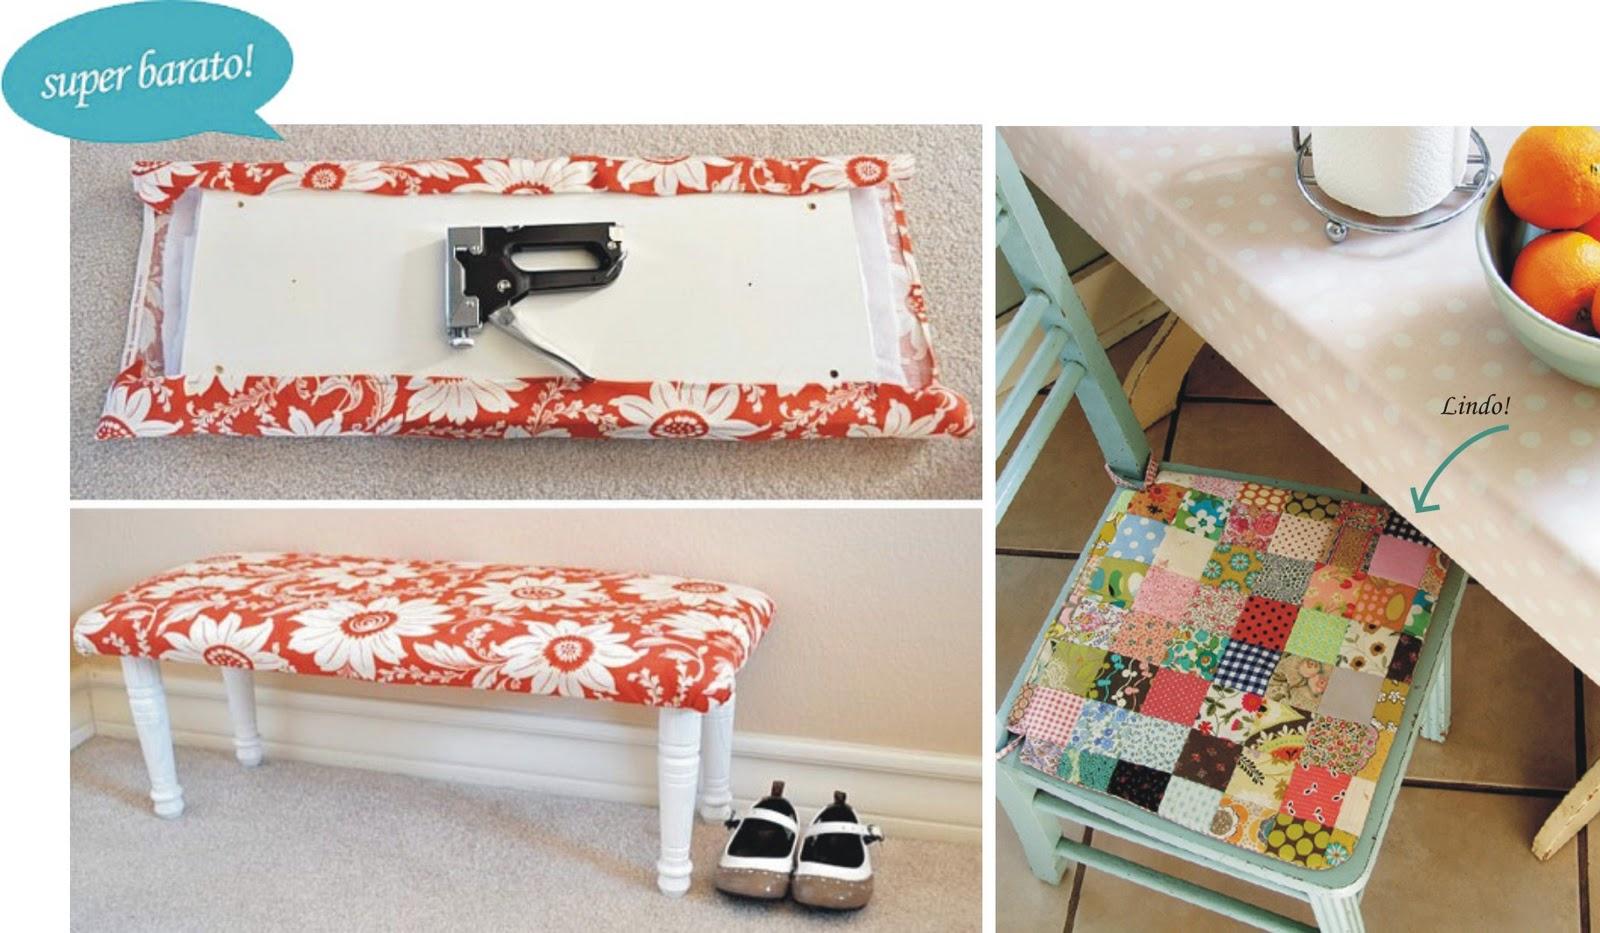 decoracao de interiores simples e barata : decoracao de interiores simples e barata:Dicas simples para organizar e decorar! – *Vista a Casa! por